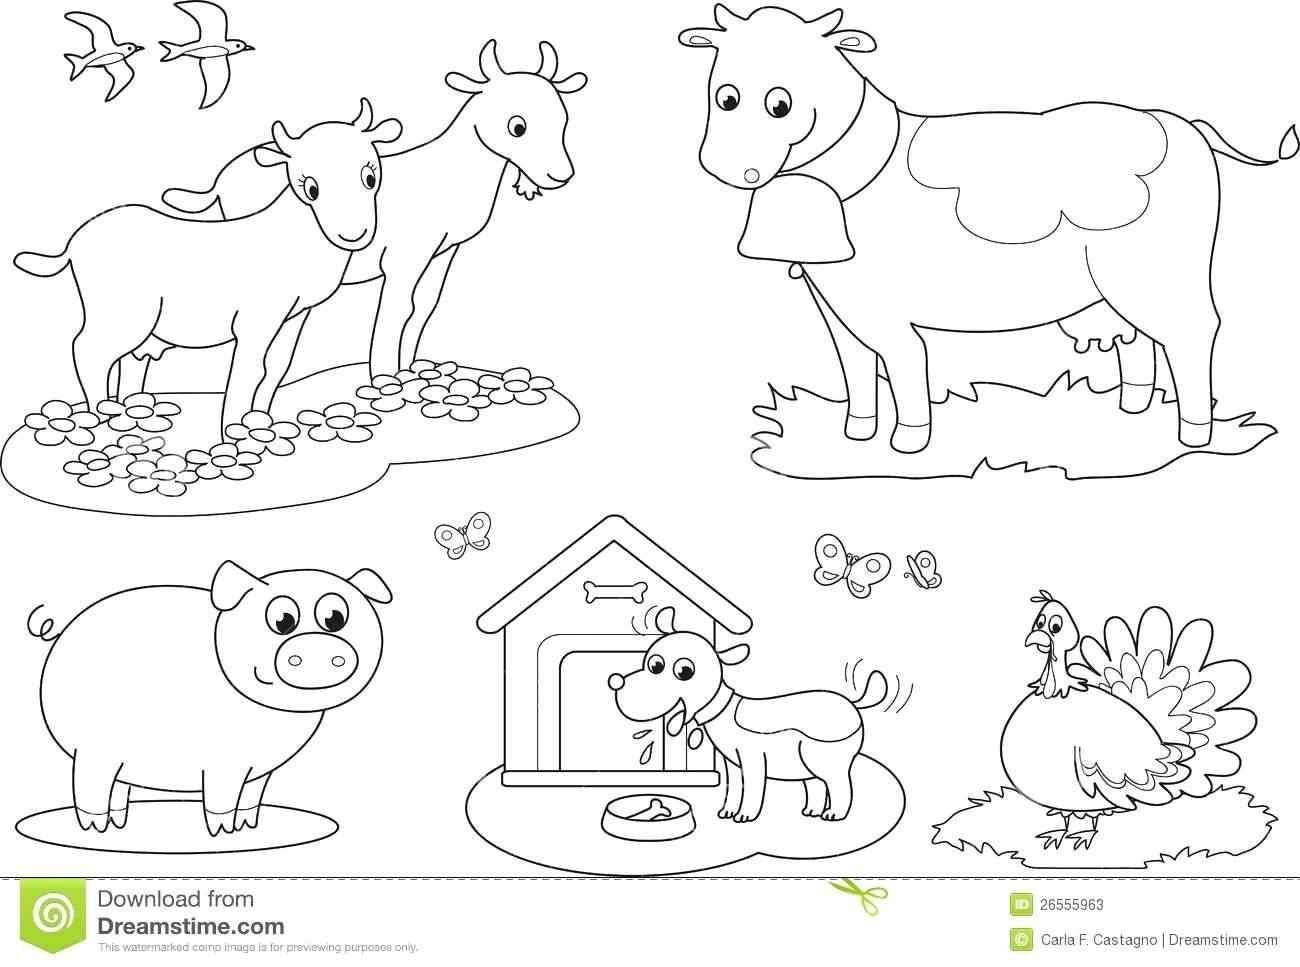 Old Macdonald Worksheet For Preschool